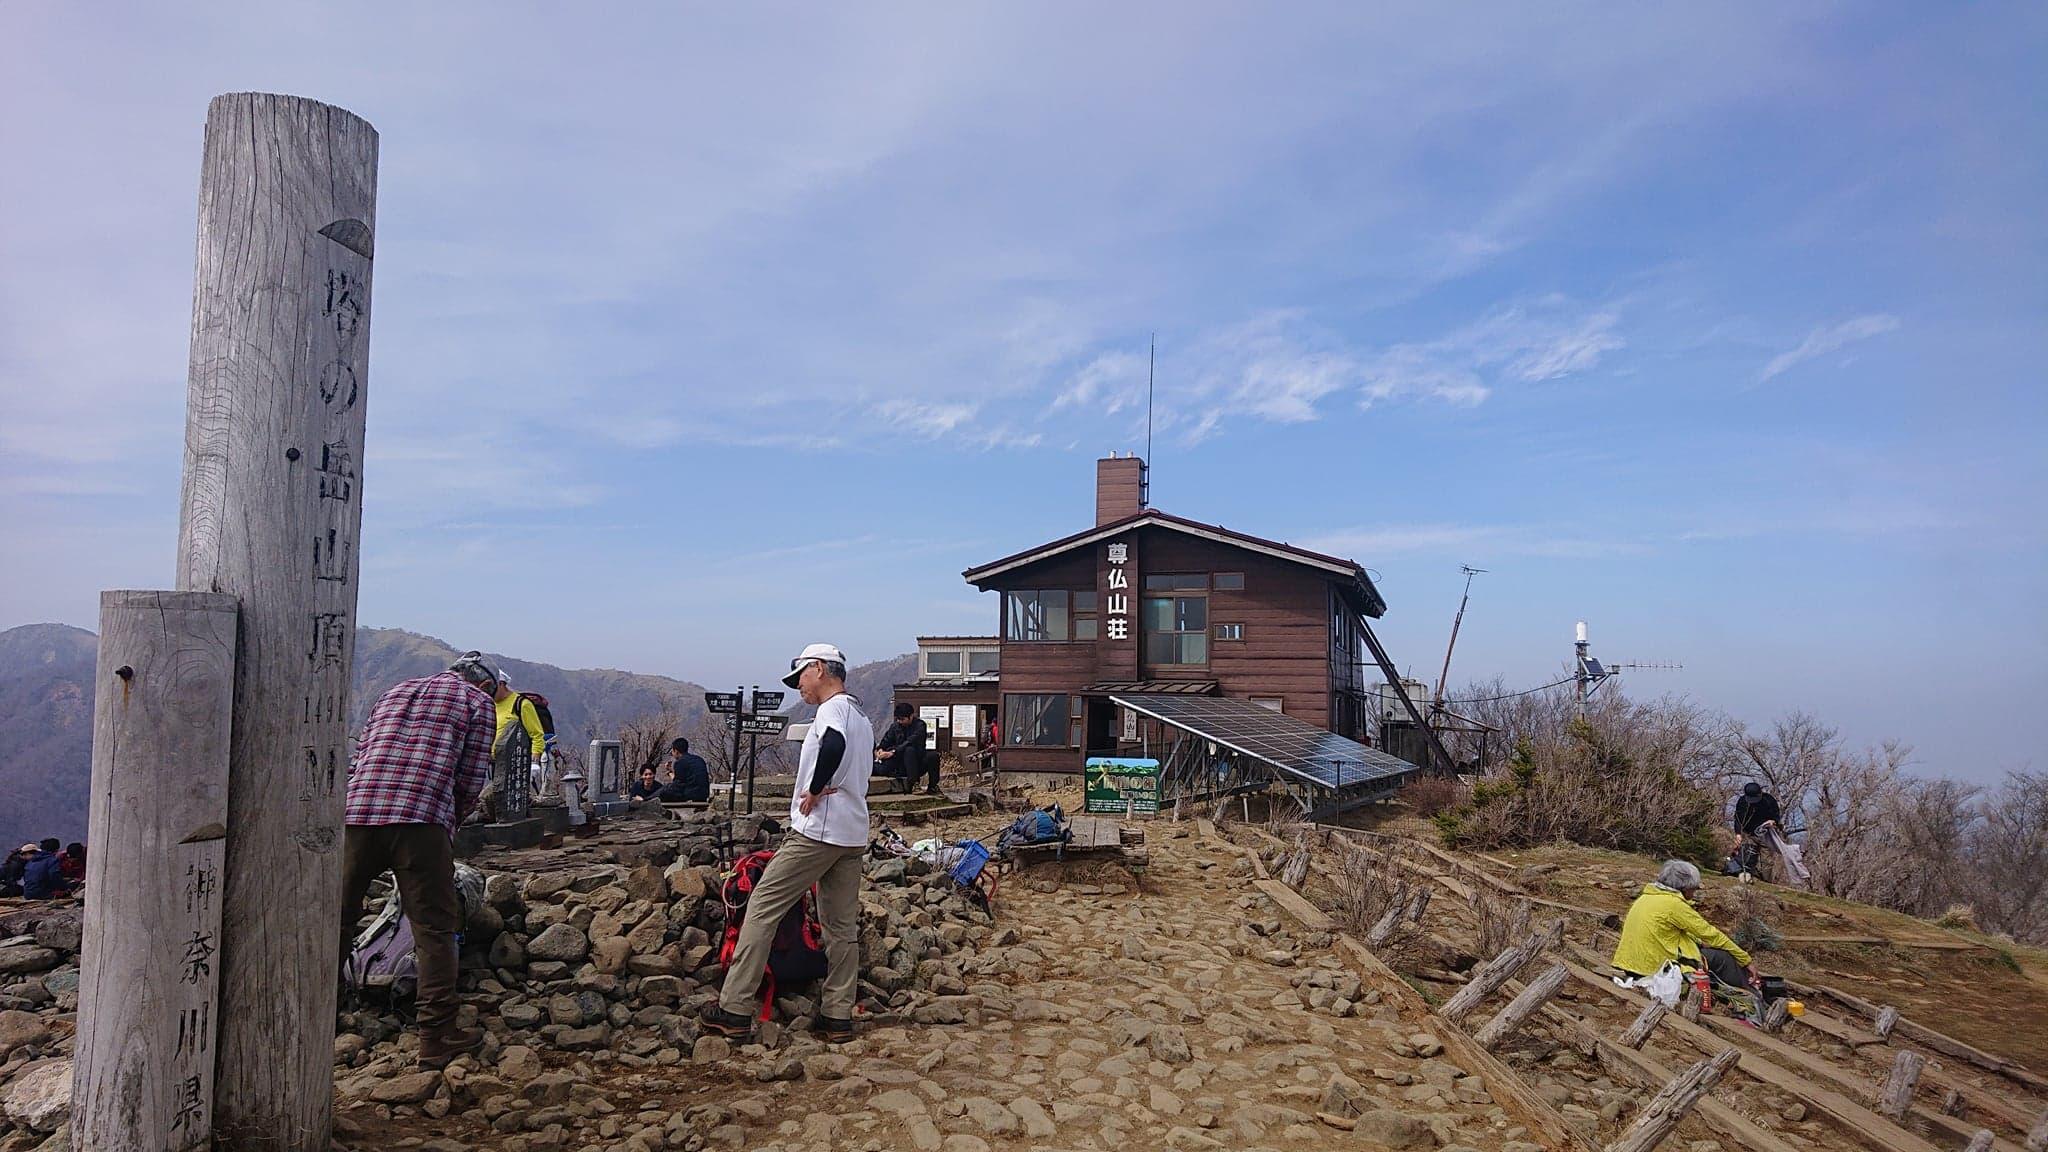 塔ノ岳は秦野市民の山でもある。紅葉と景色と語らいを楽しみながら登ろう。